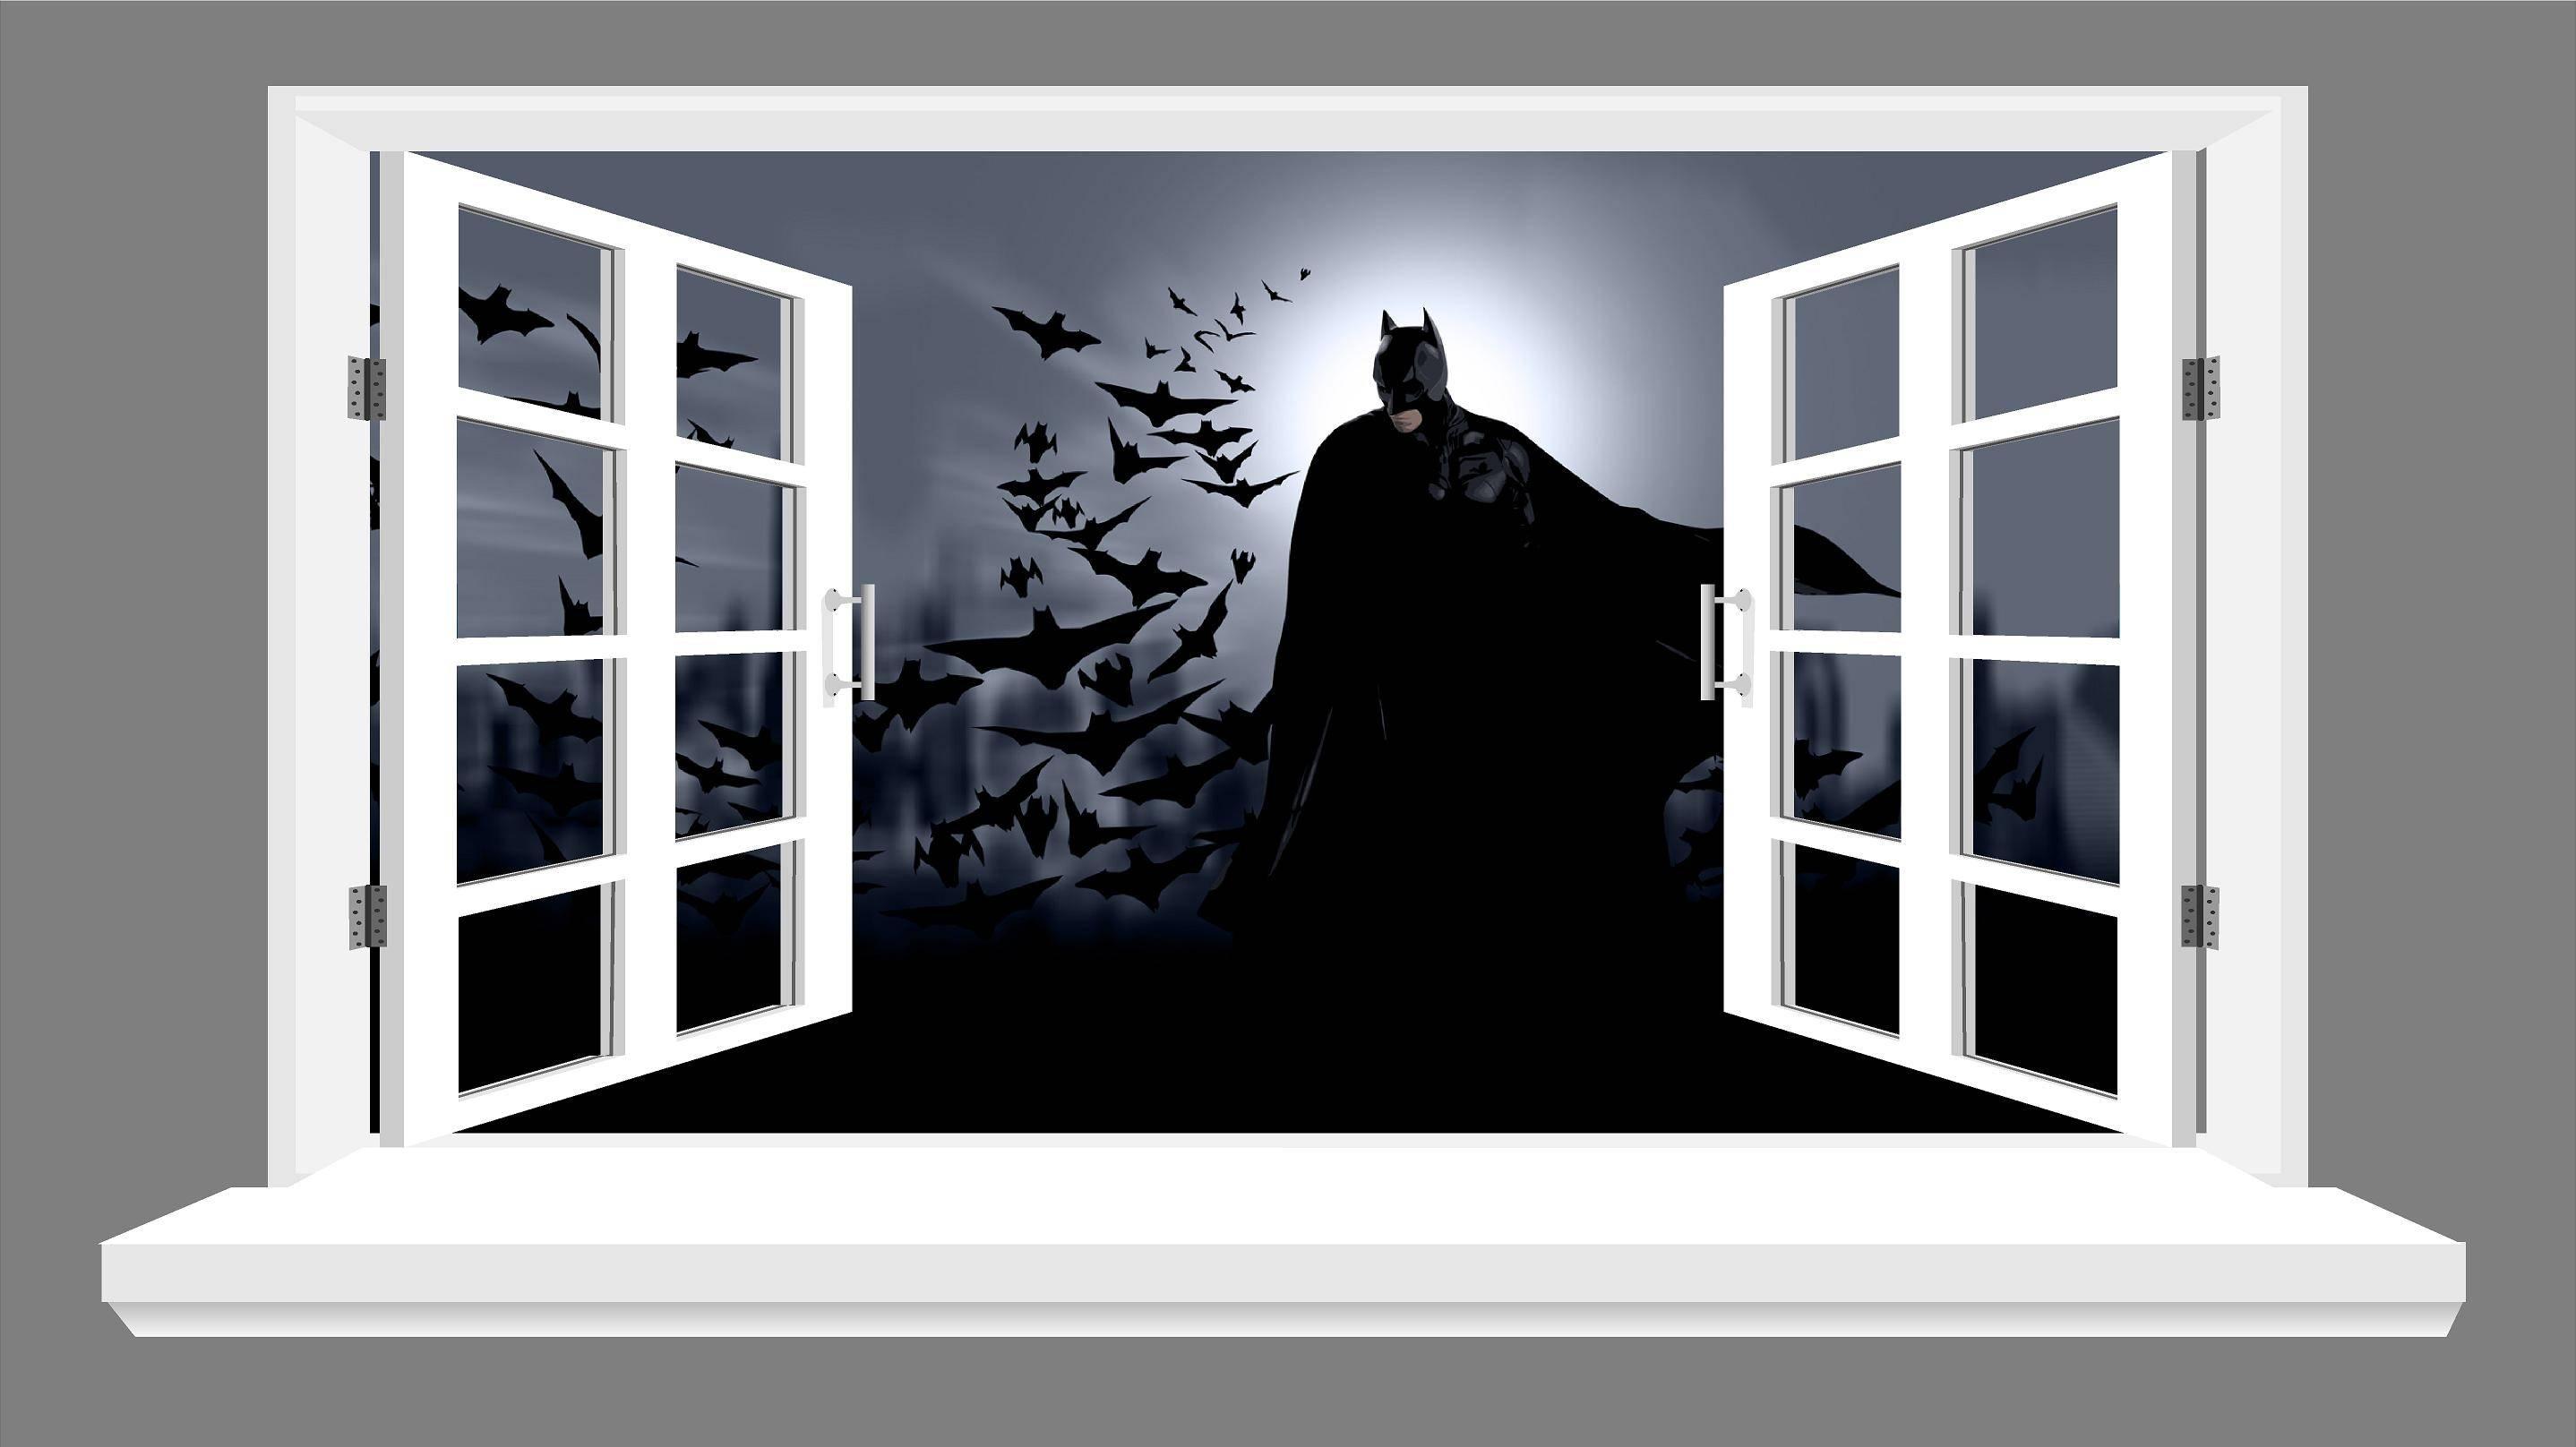 3D Wall Art Batman | Wallartideas Pertaining To Recent Batman 3D Wall Art (Gallery 9 of 20)